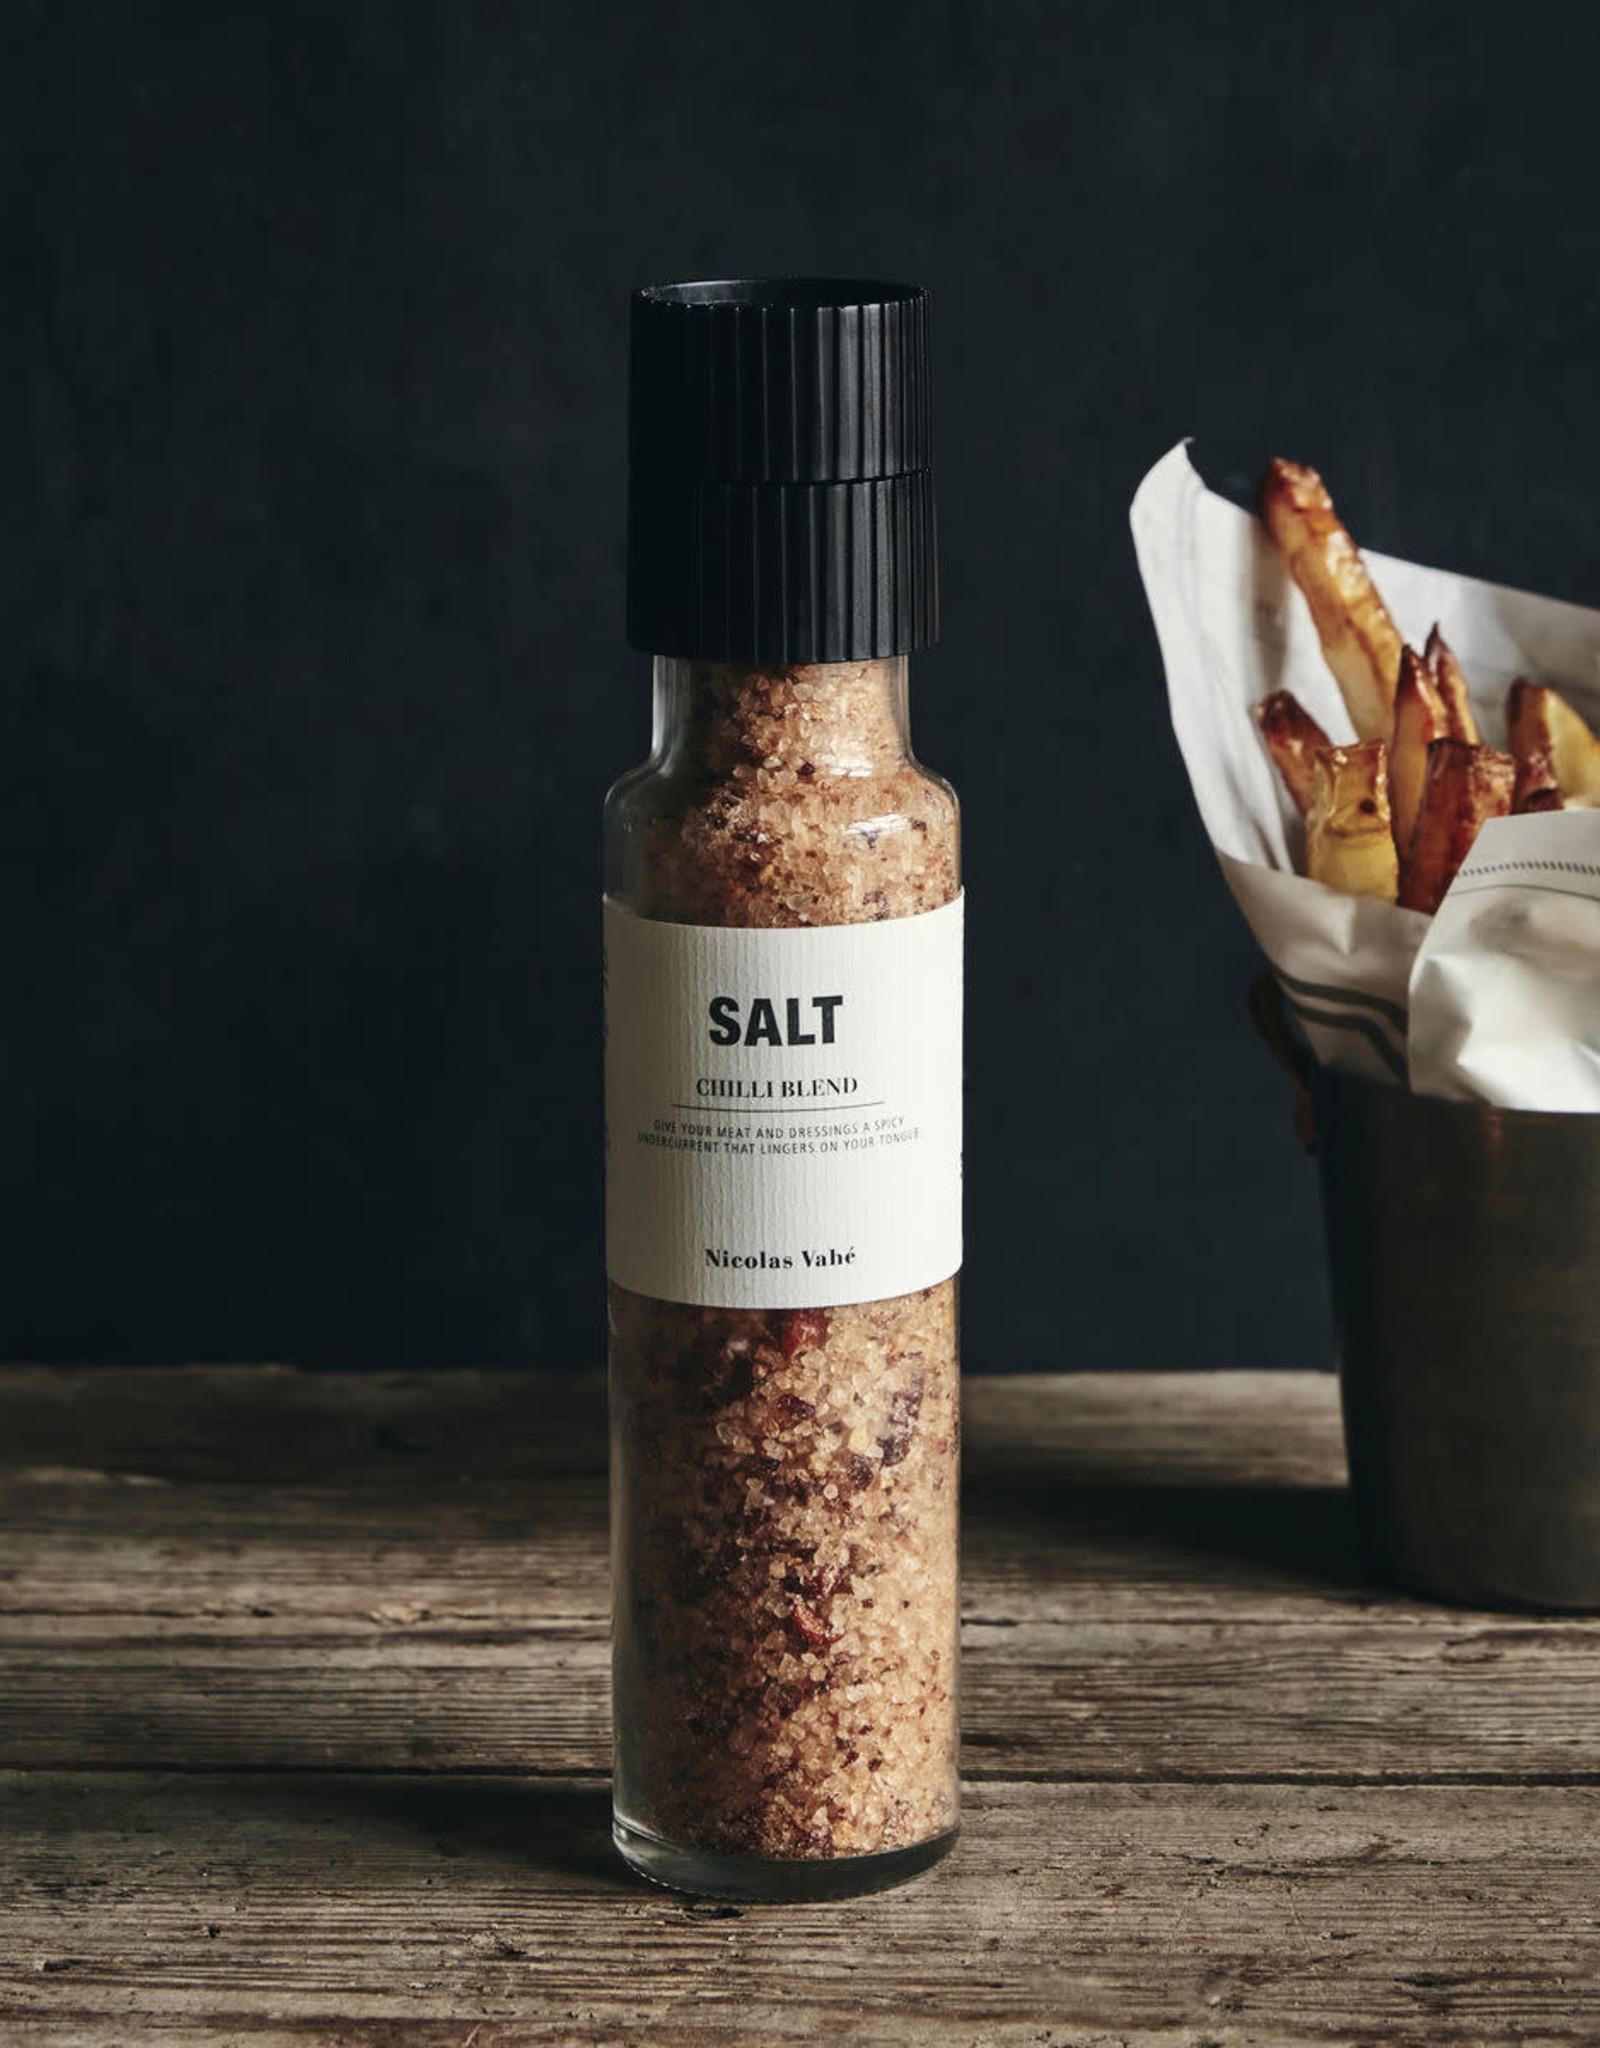 Nicolas Vahé Nicolas Vahé - Salt , chili blend